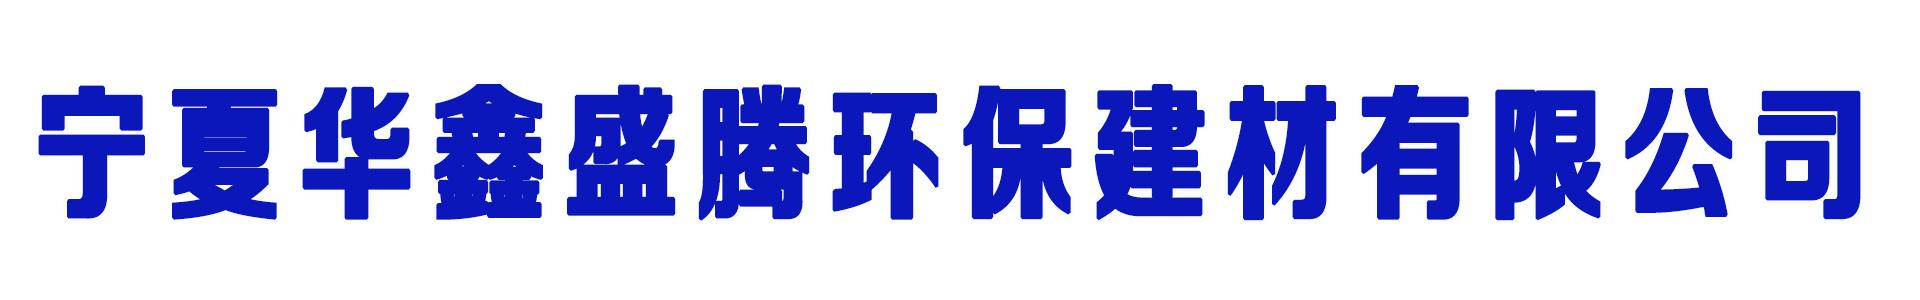 宁夏华鑫盛腾环保建材有限公司